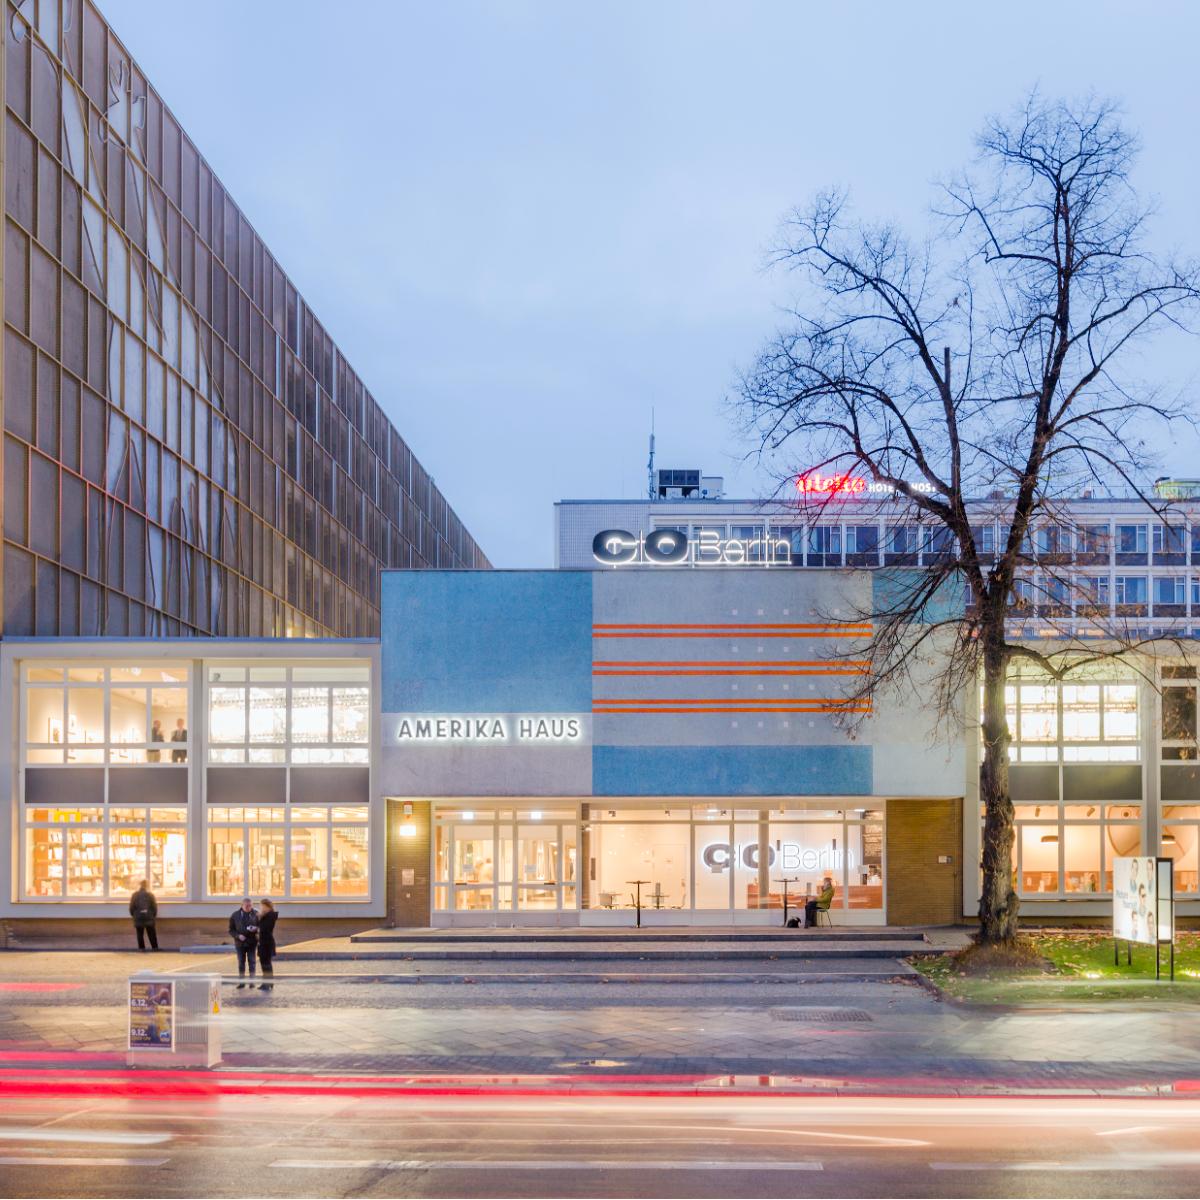 CO Berlin Amerika Haus Aussenansicht Nacht mit Verkehr